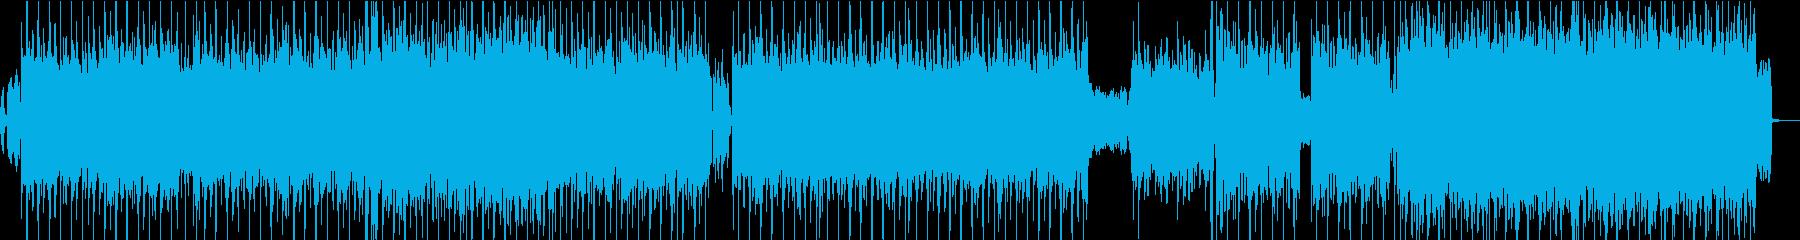 エッジの効いたラフなエレクトロロックの再生済みの波形